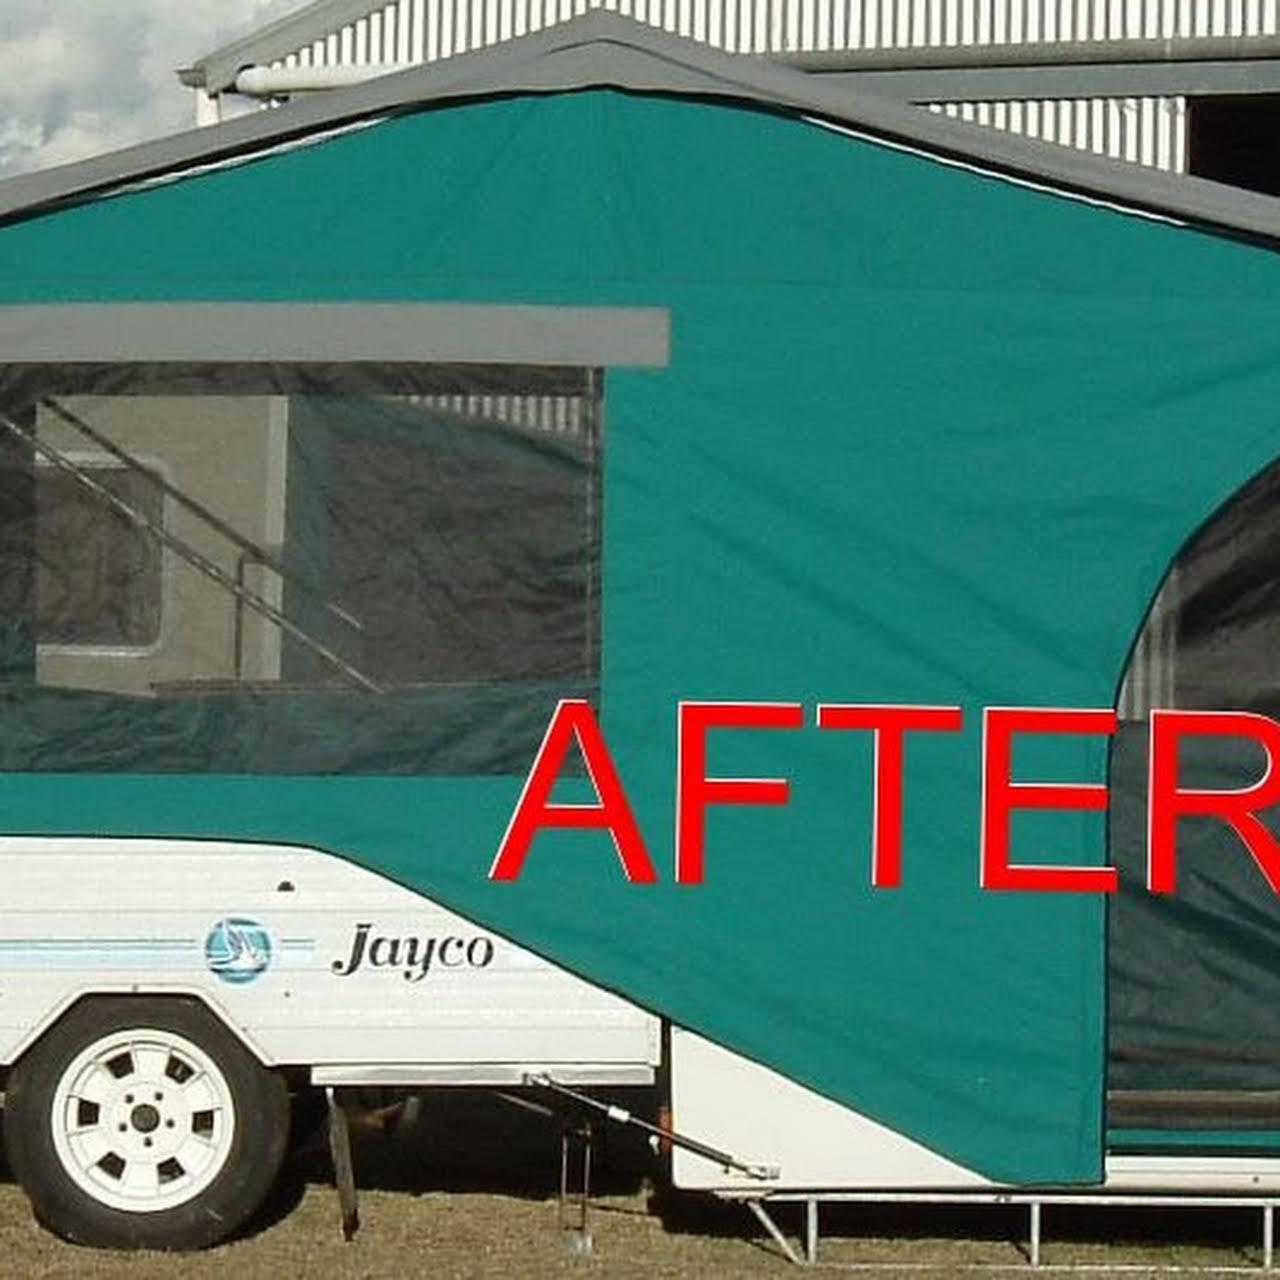 Weekender Camping Trailers - We built Campers